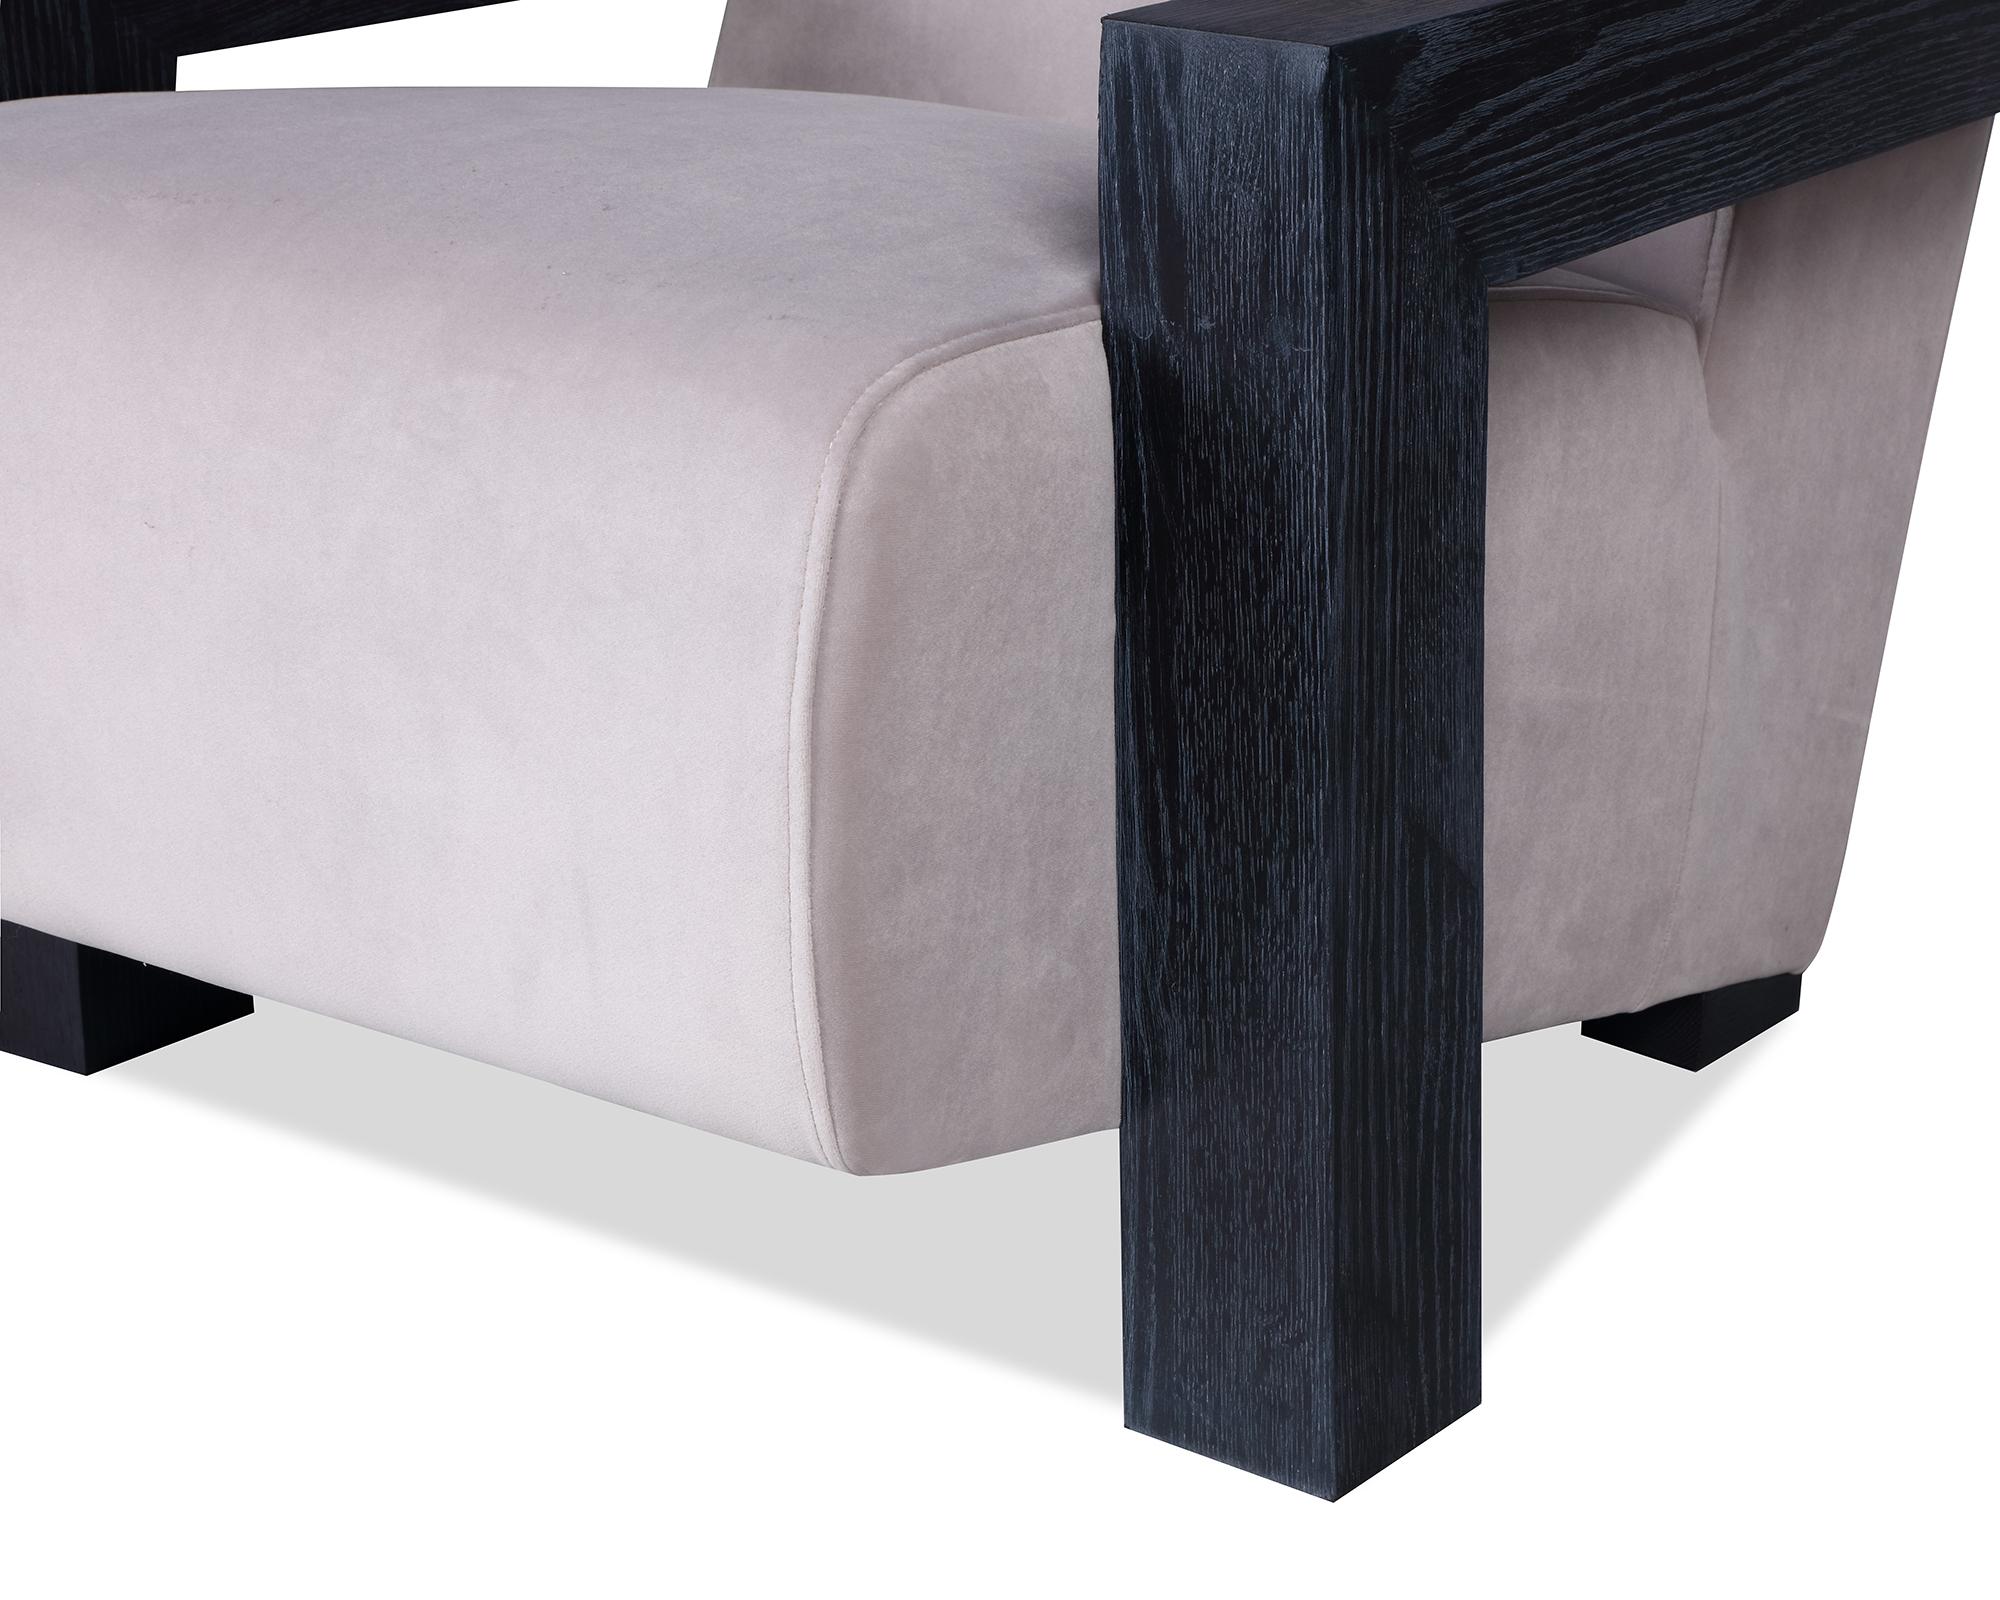 L&E Compton Occasional Chair – Kaster Light Grey Velvet (MY-OCH-046) (5)